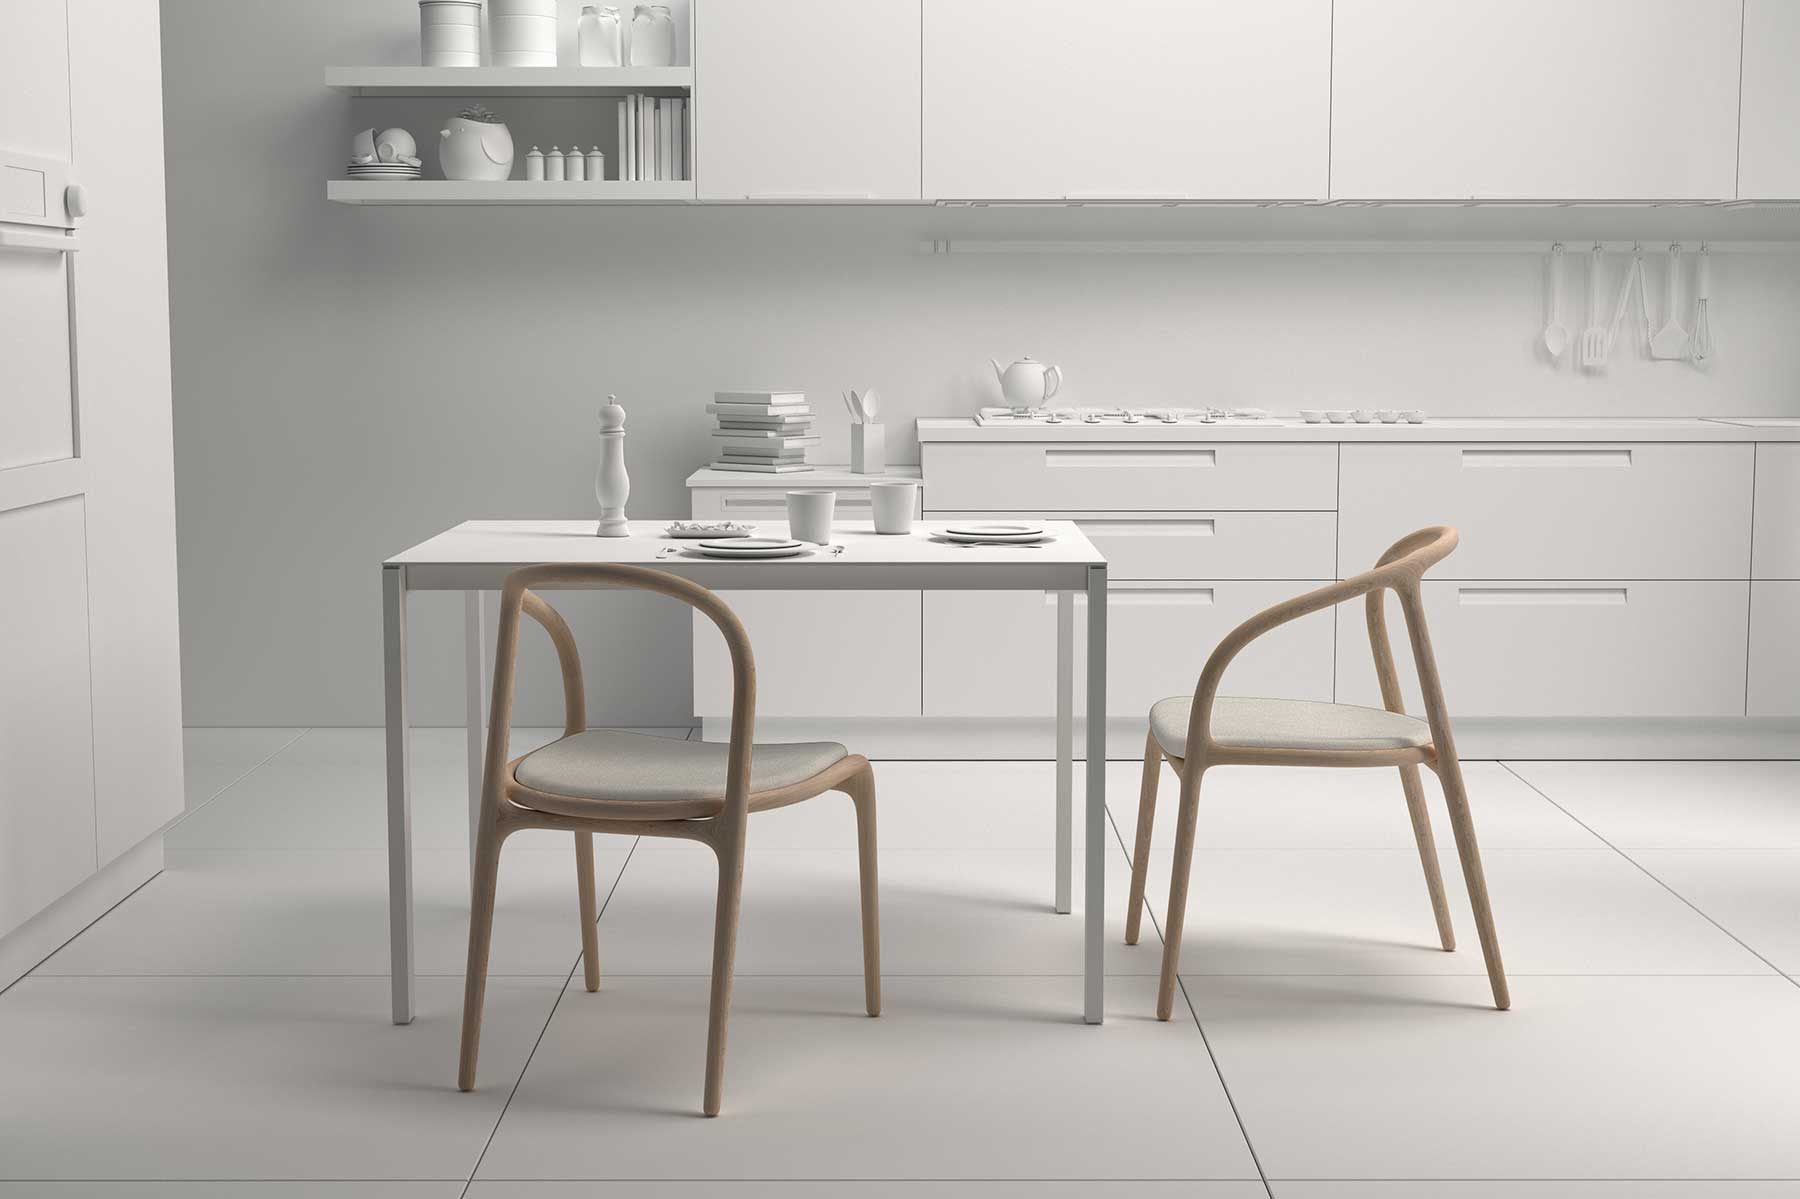 diseño silla comedor escena